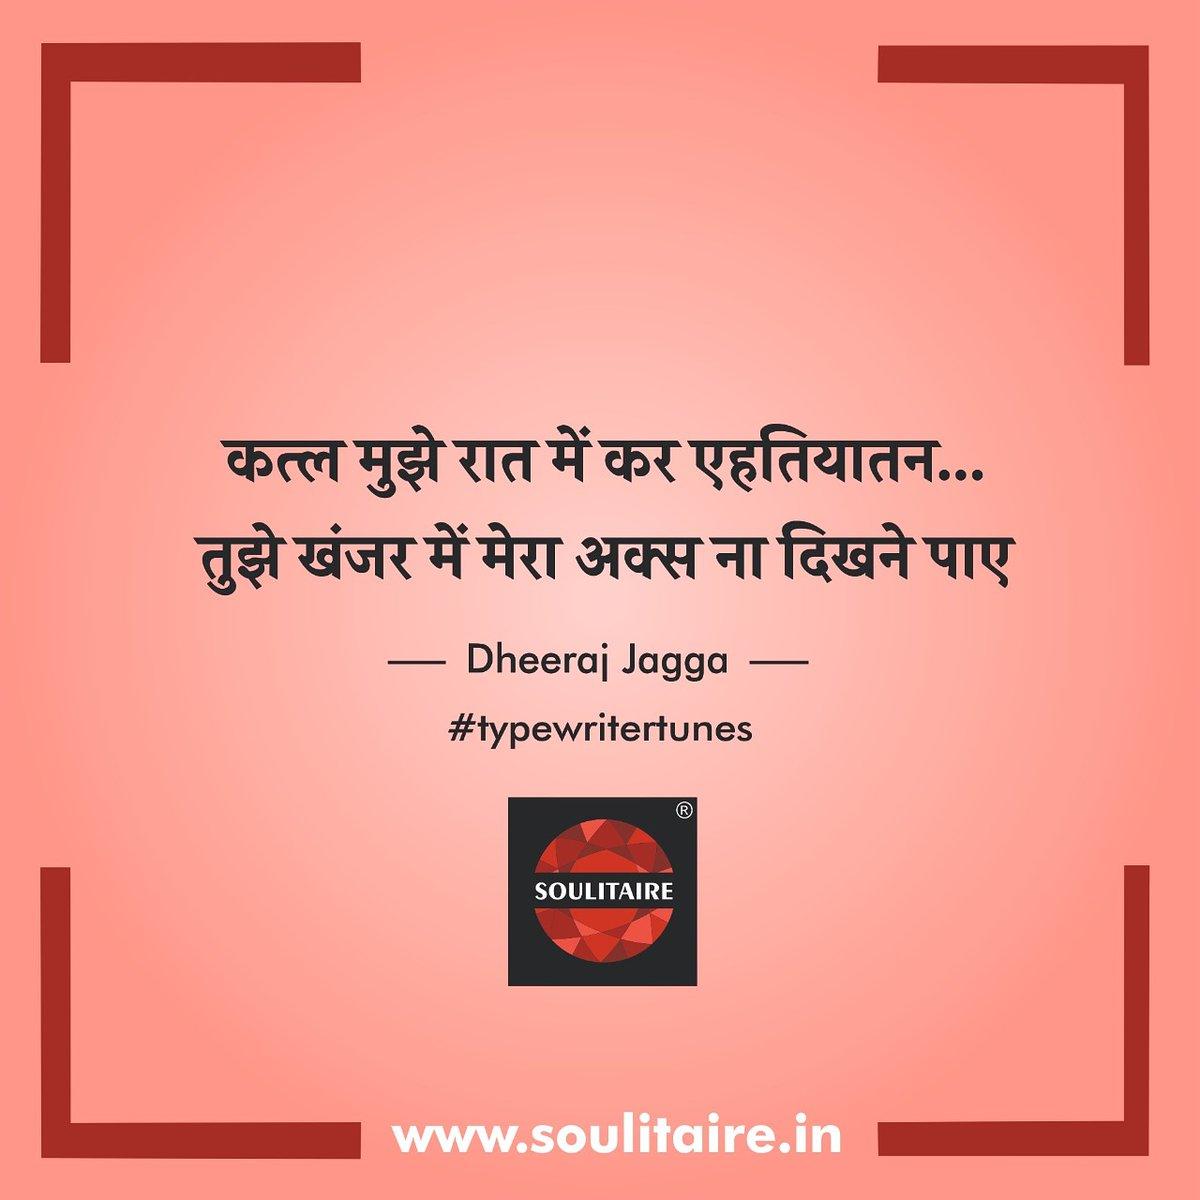 #typewritertunes #soulitaire #twolinershayari #hindishayaris #shayari #shayars #shayaroninstagram #twoliners #shayarilover #shayaricollection #writerscommunity #writingcommunity #writer #authorscommunitypic.twitter.com/whFpYi8Yis